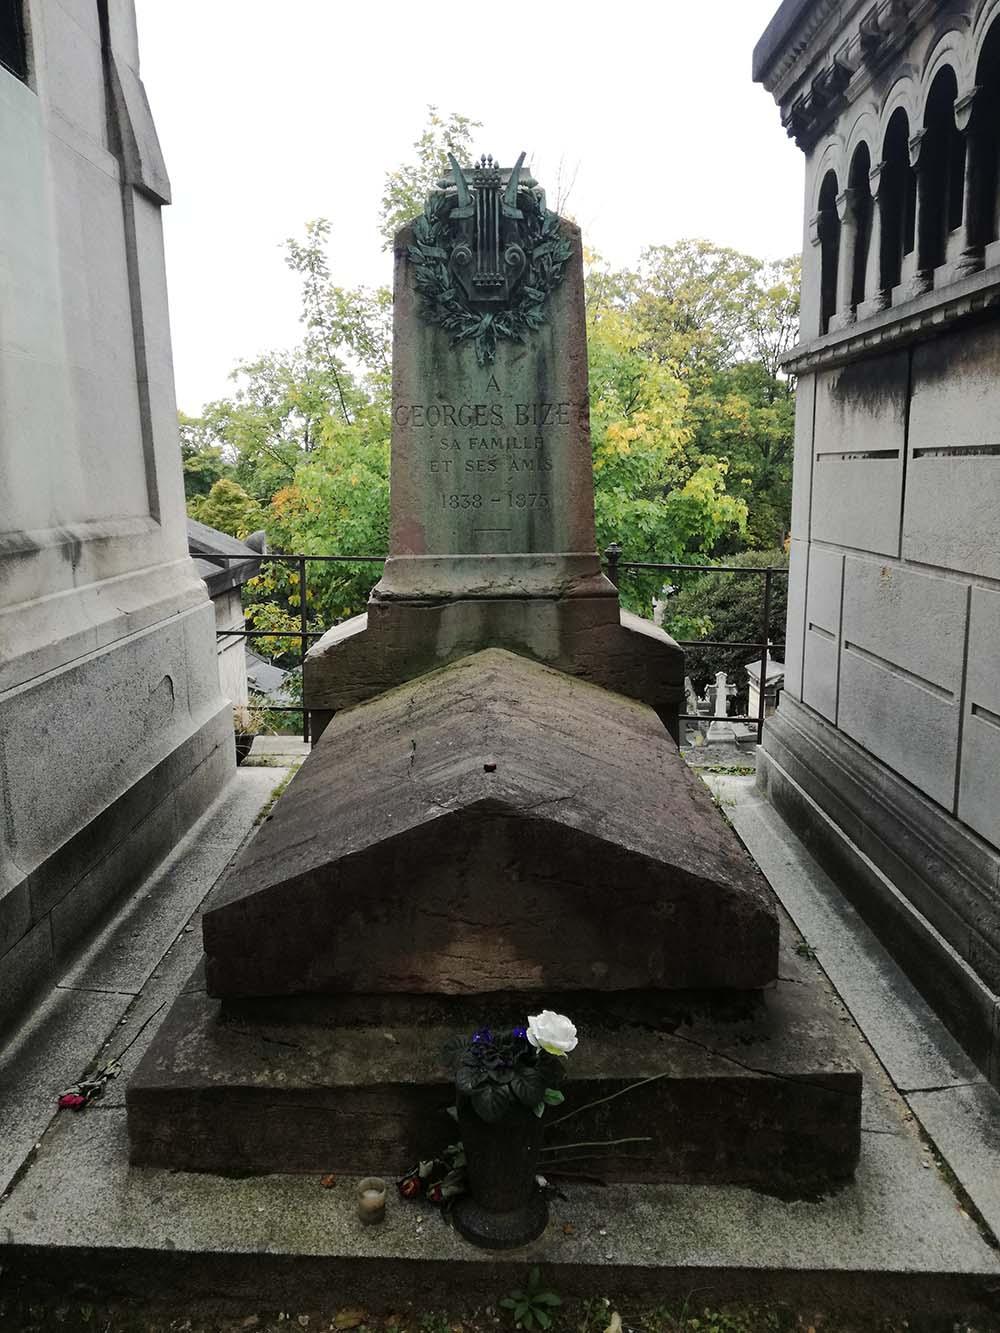 George Bizet's tomb